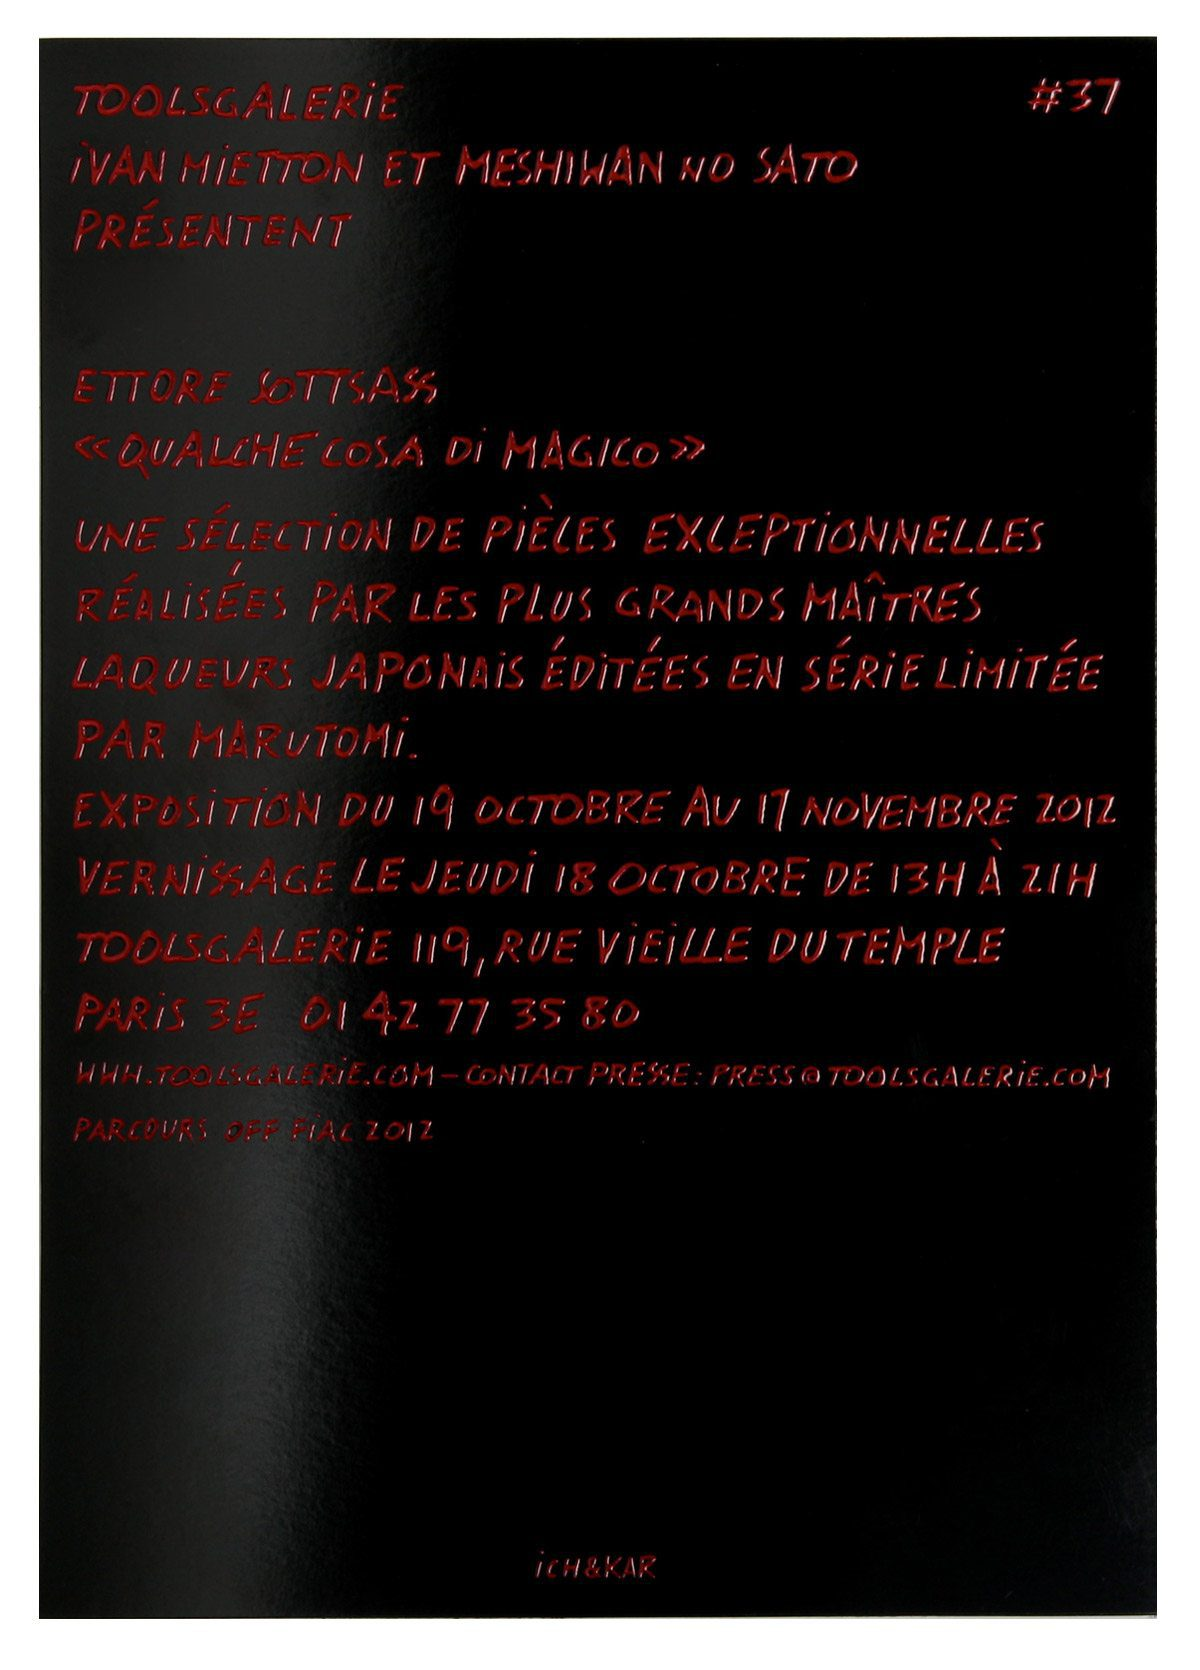 Invitation de l'exposition Qualche cosa di magico d'Ettore Sottsass, rouge et noir laqué. Design signé Ich&Kar